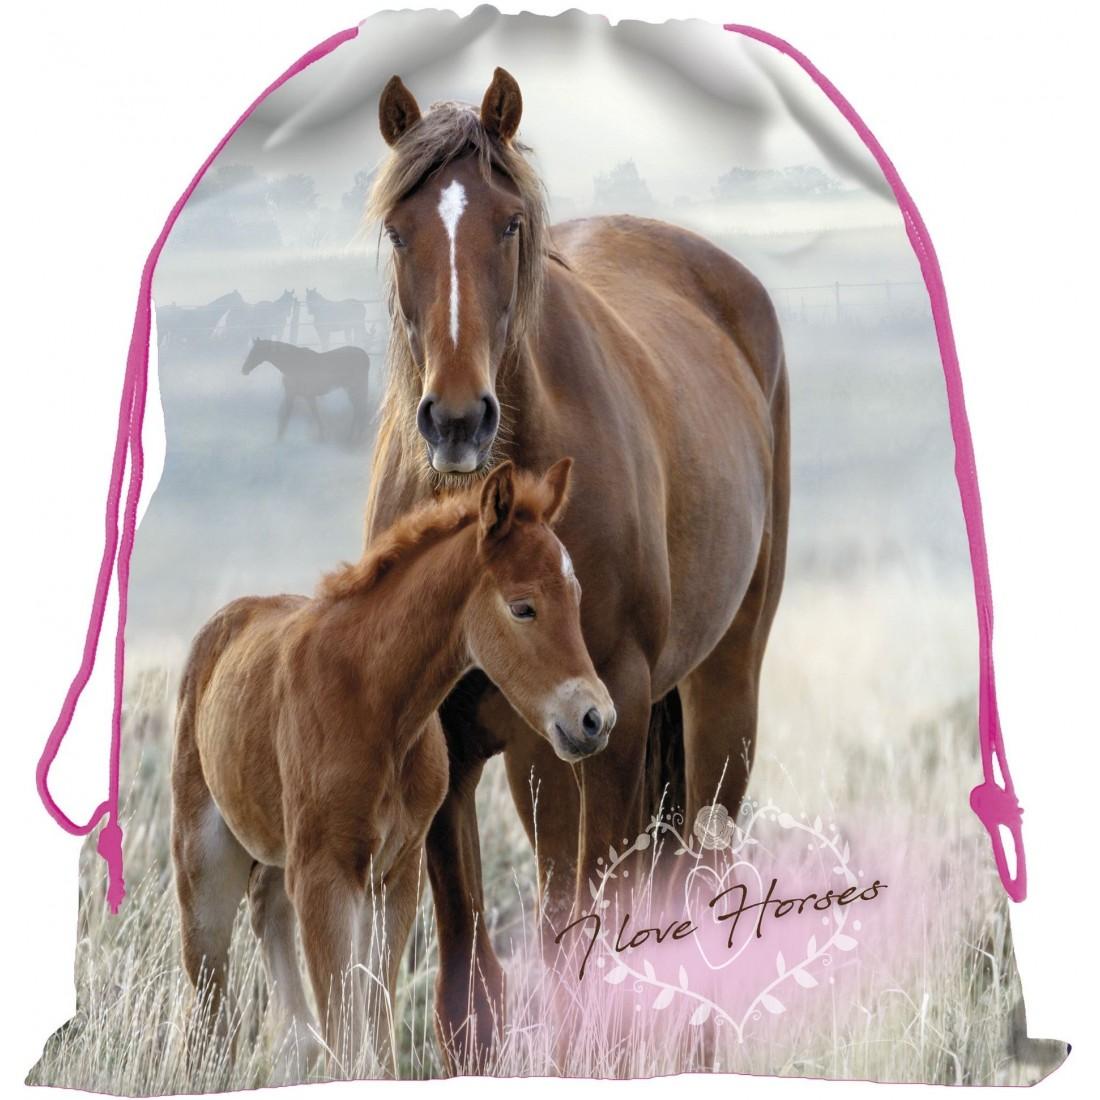 Worek Szkolny Z Koniem Na Wf Dla Dziewczynki I Love Horses Zrebak Plecak Tornister Pl